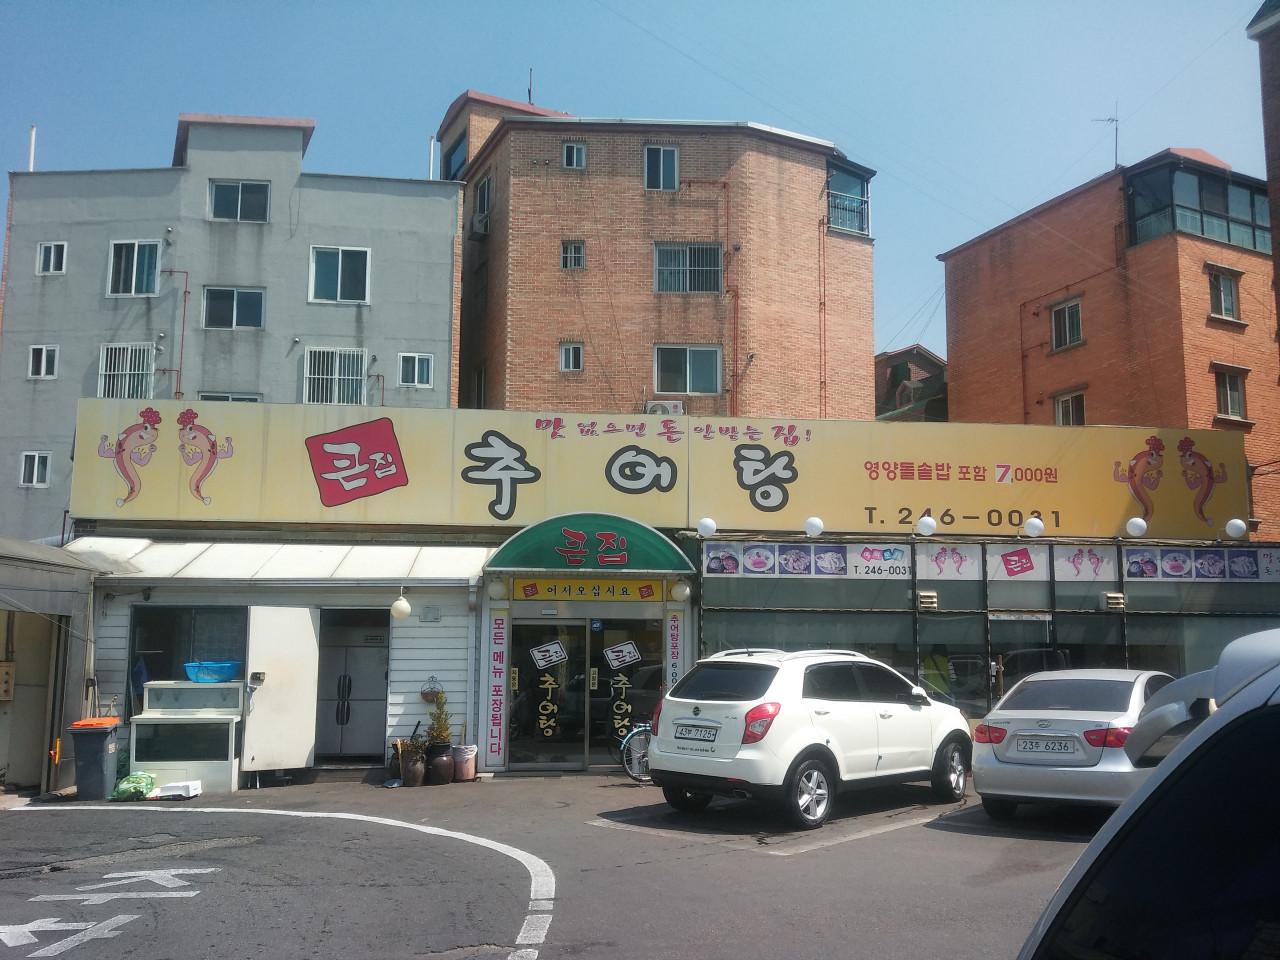 [수원] 큰집 추어탕 (수원역 근처)